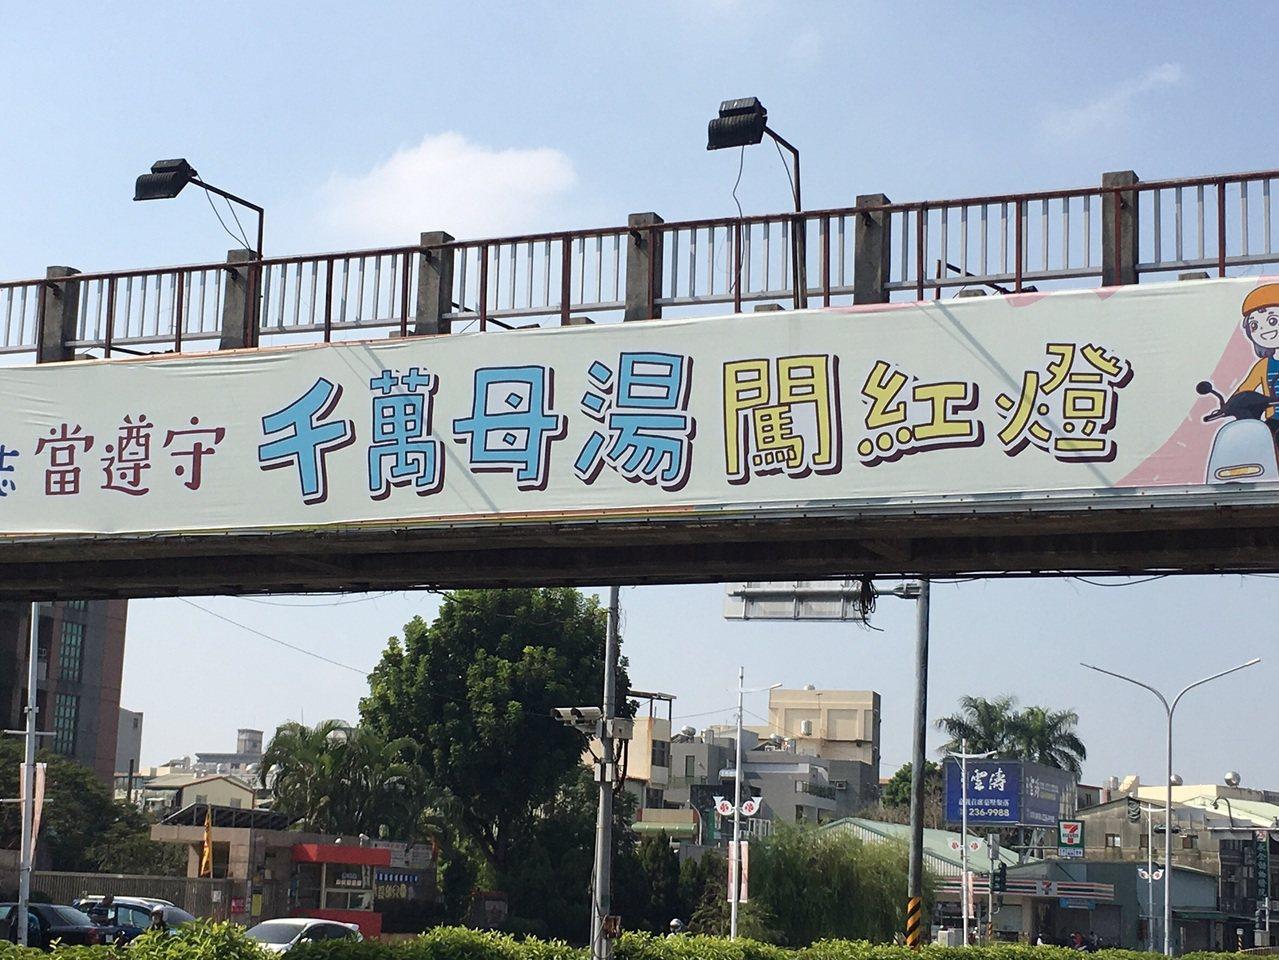 市府懸掛交通宣導布條寫著「千萬母湯闖紅燈」,市議員蔡文旭認為是錯誤用字。圖/蔡文...